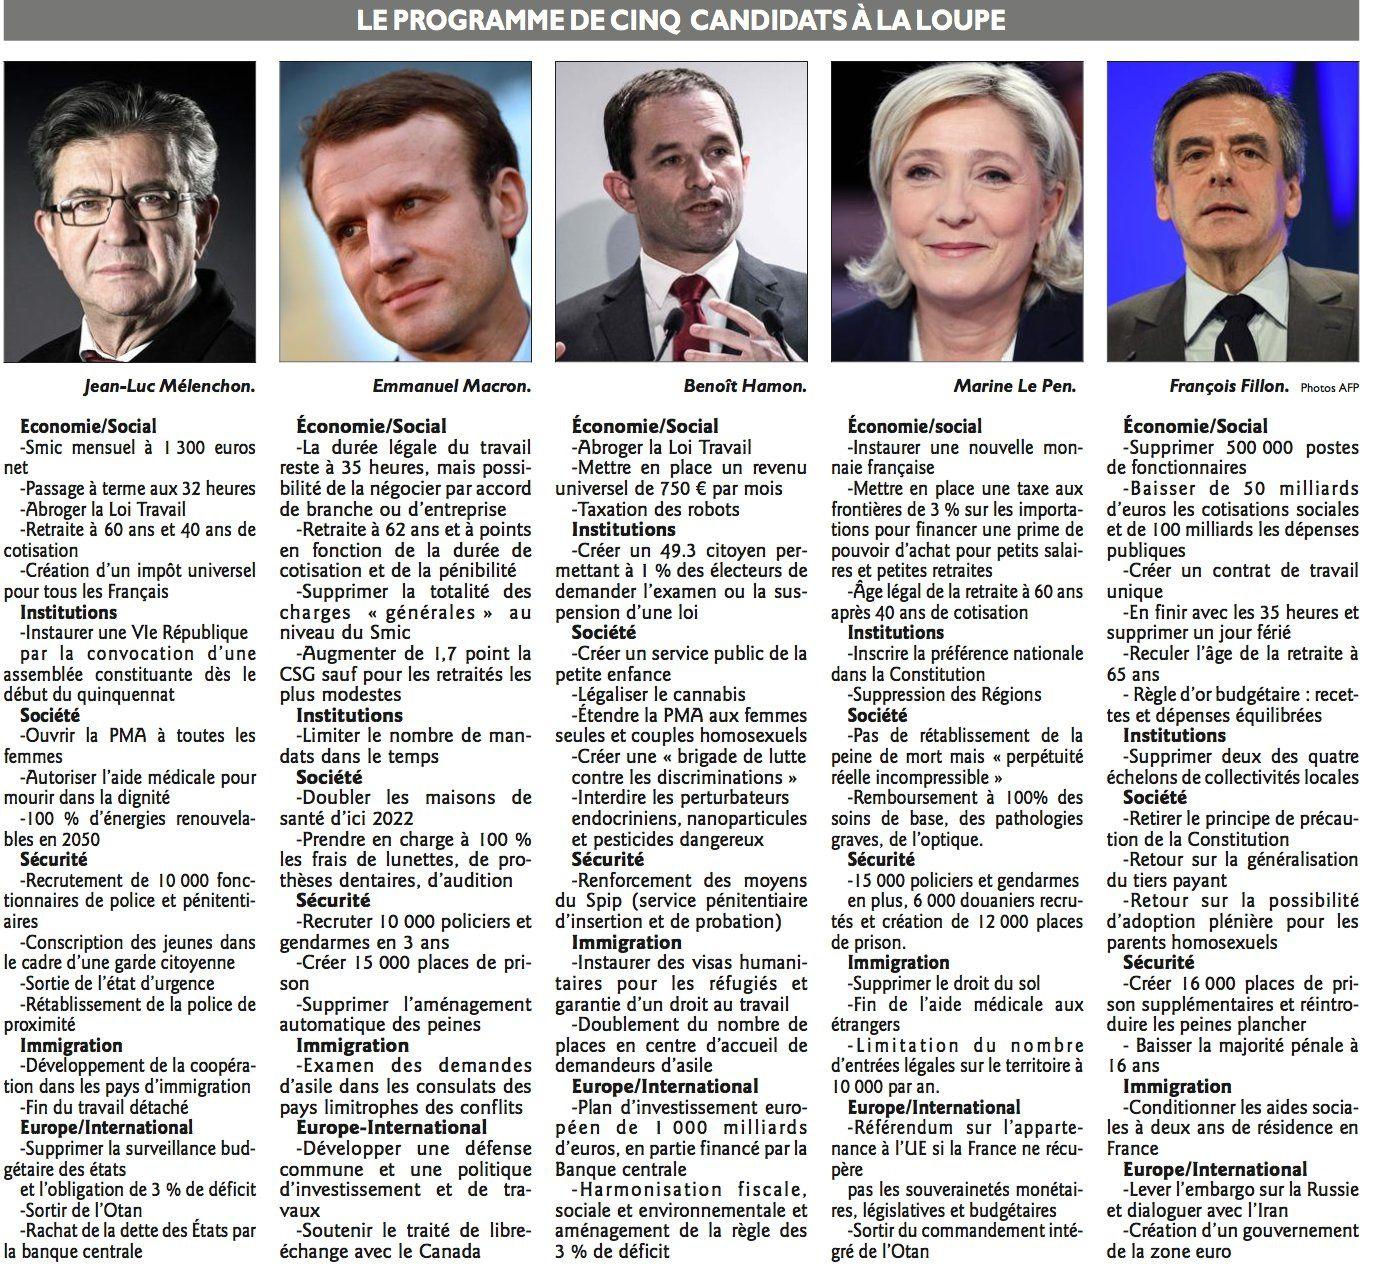 2017 les programmes des Présidentielles